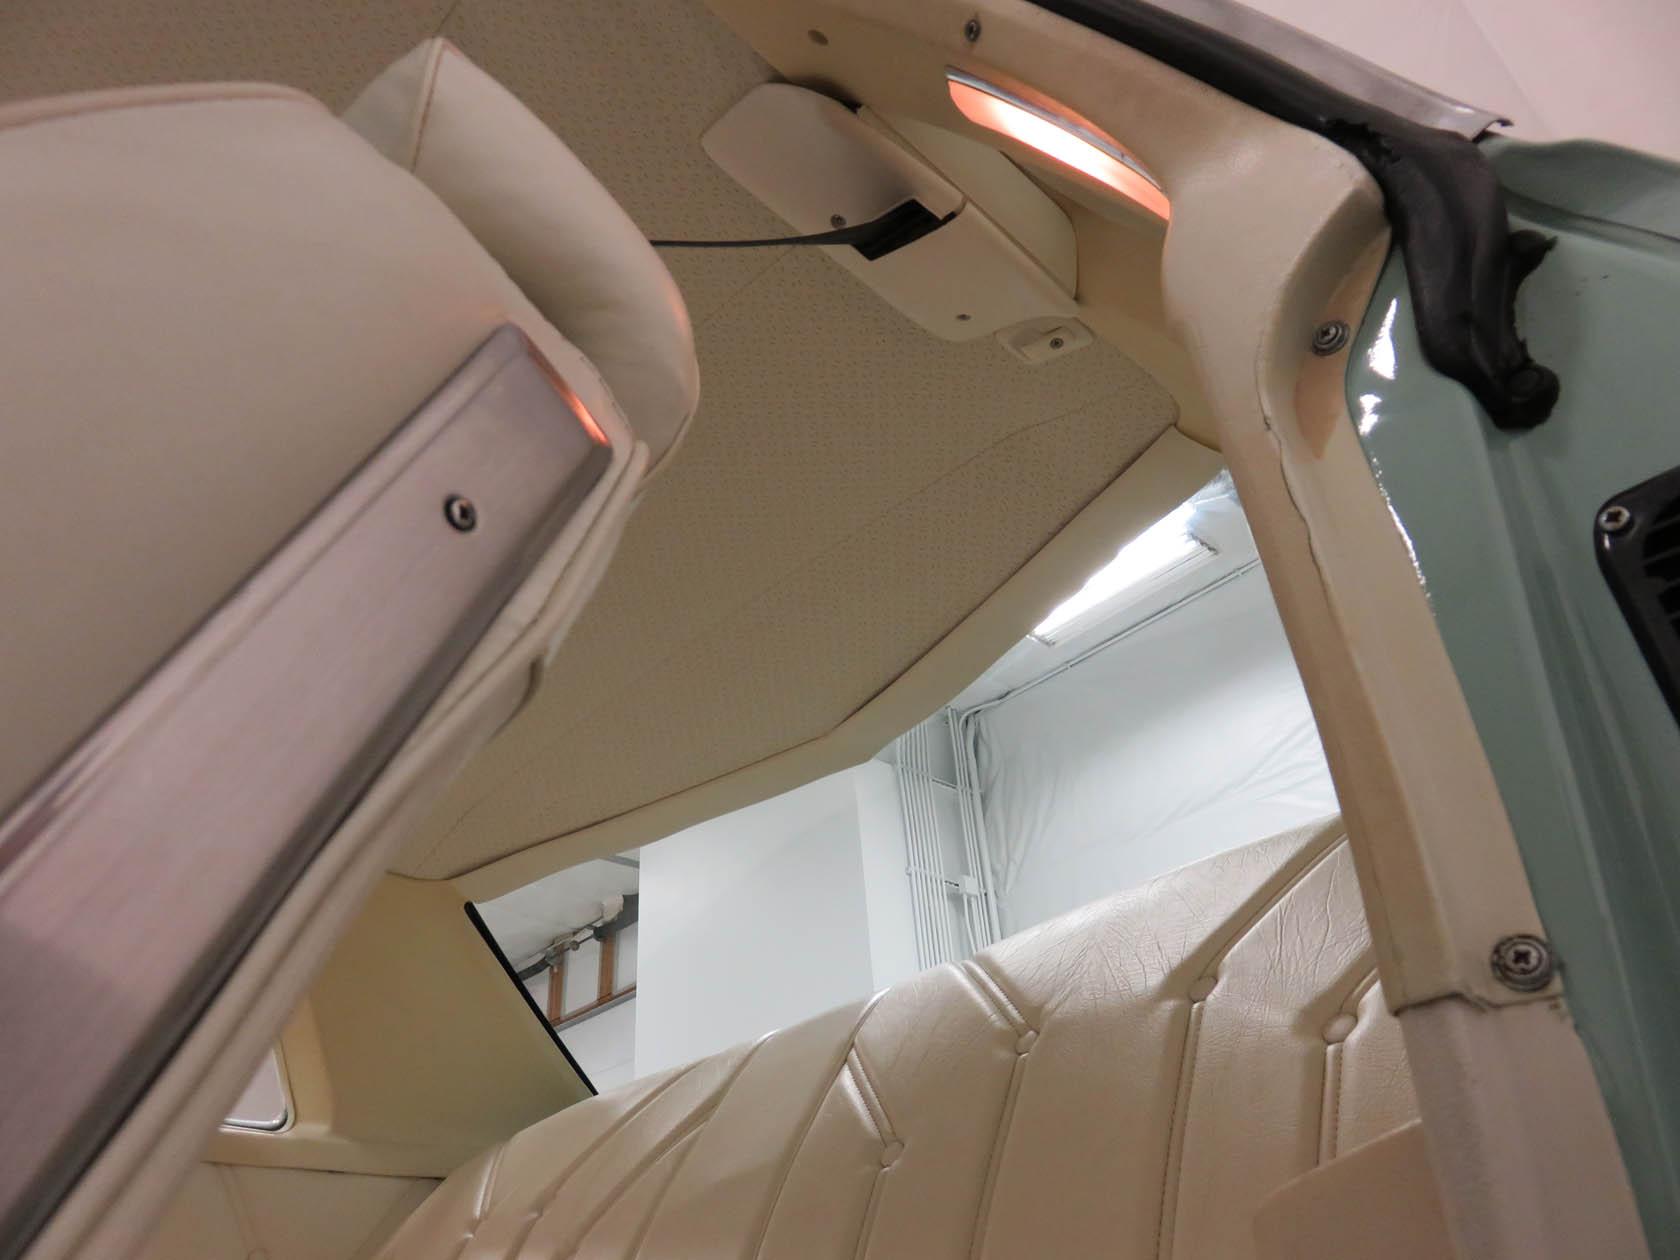 Michael Esposito - 1974 Oldsmobile Cutlasss Supreme 490